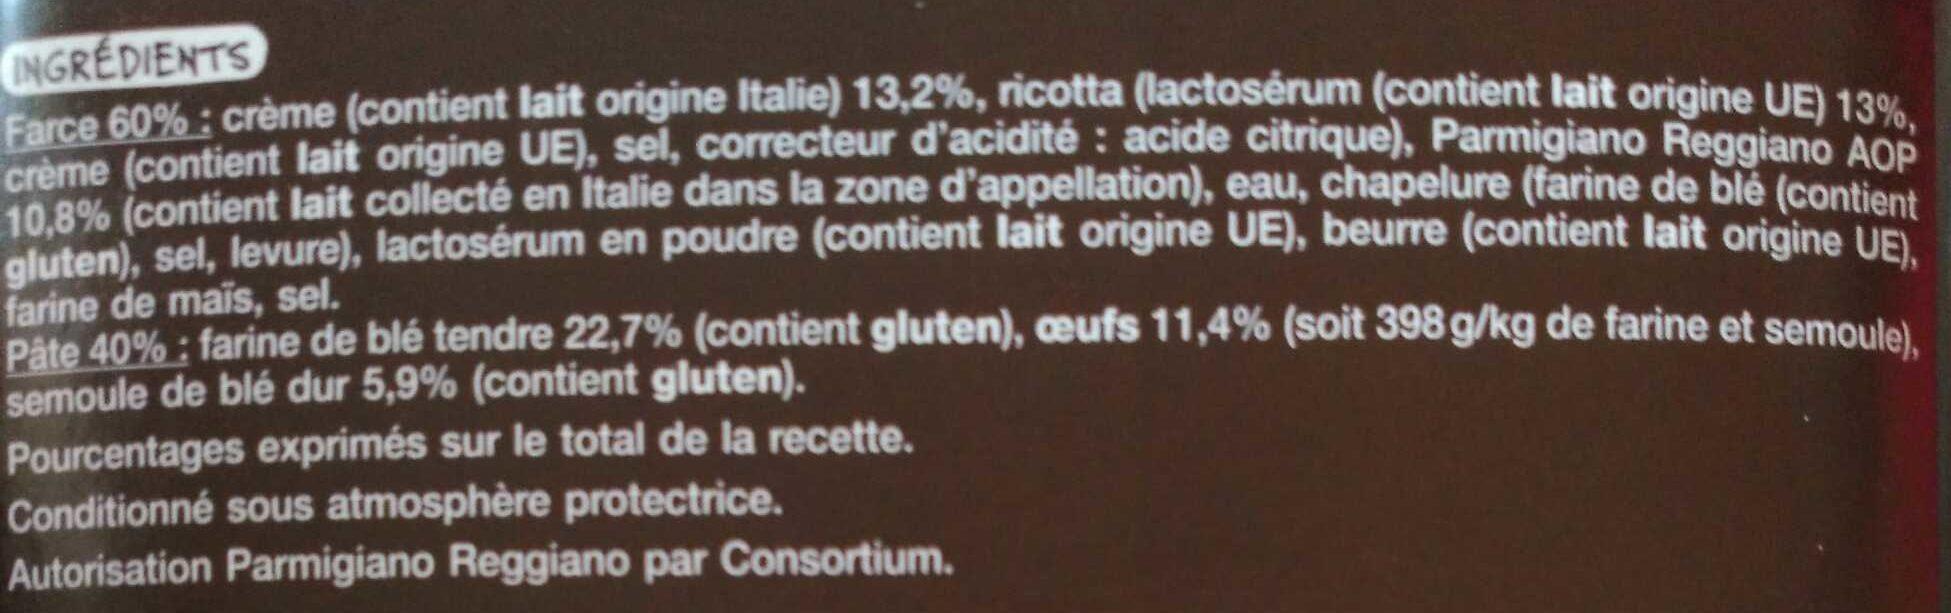 Mezzelune au Parmigiano Reggiano - Ingrédients - fr